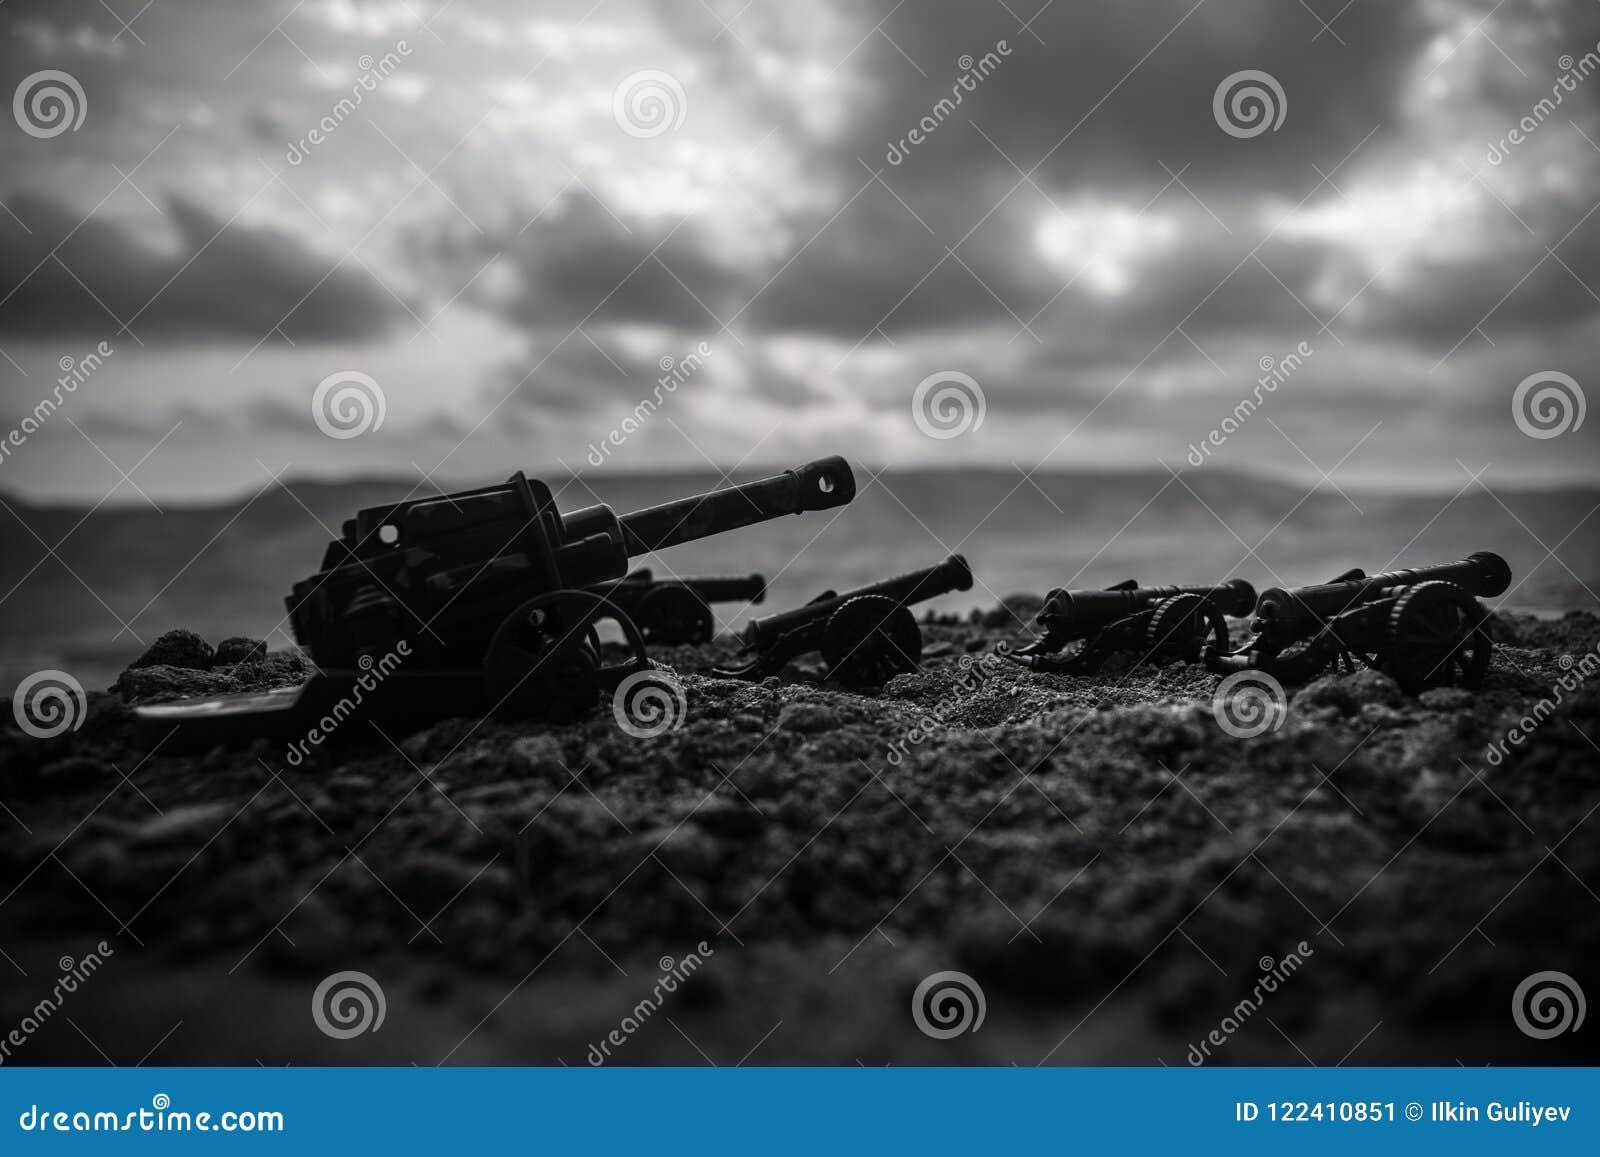 战争概念 老火炮大炮在战争雾天空背景开枪